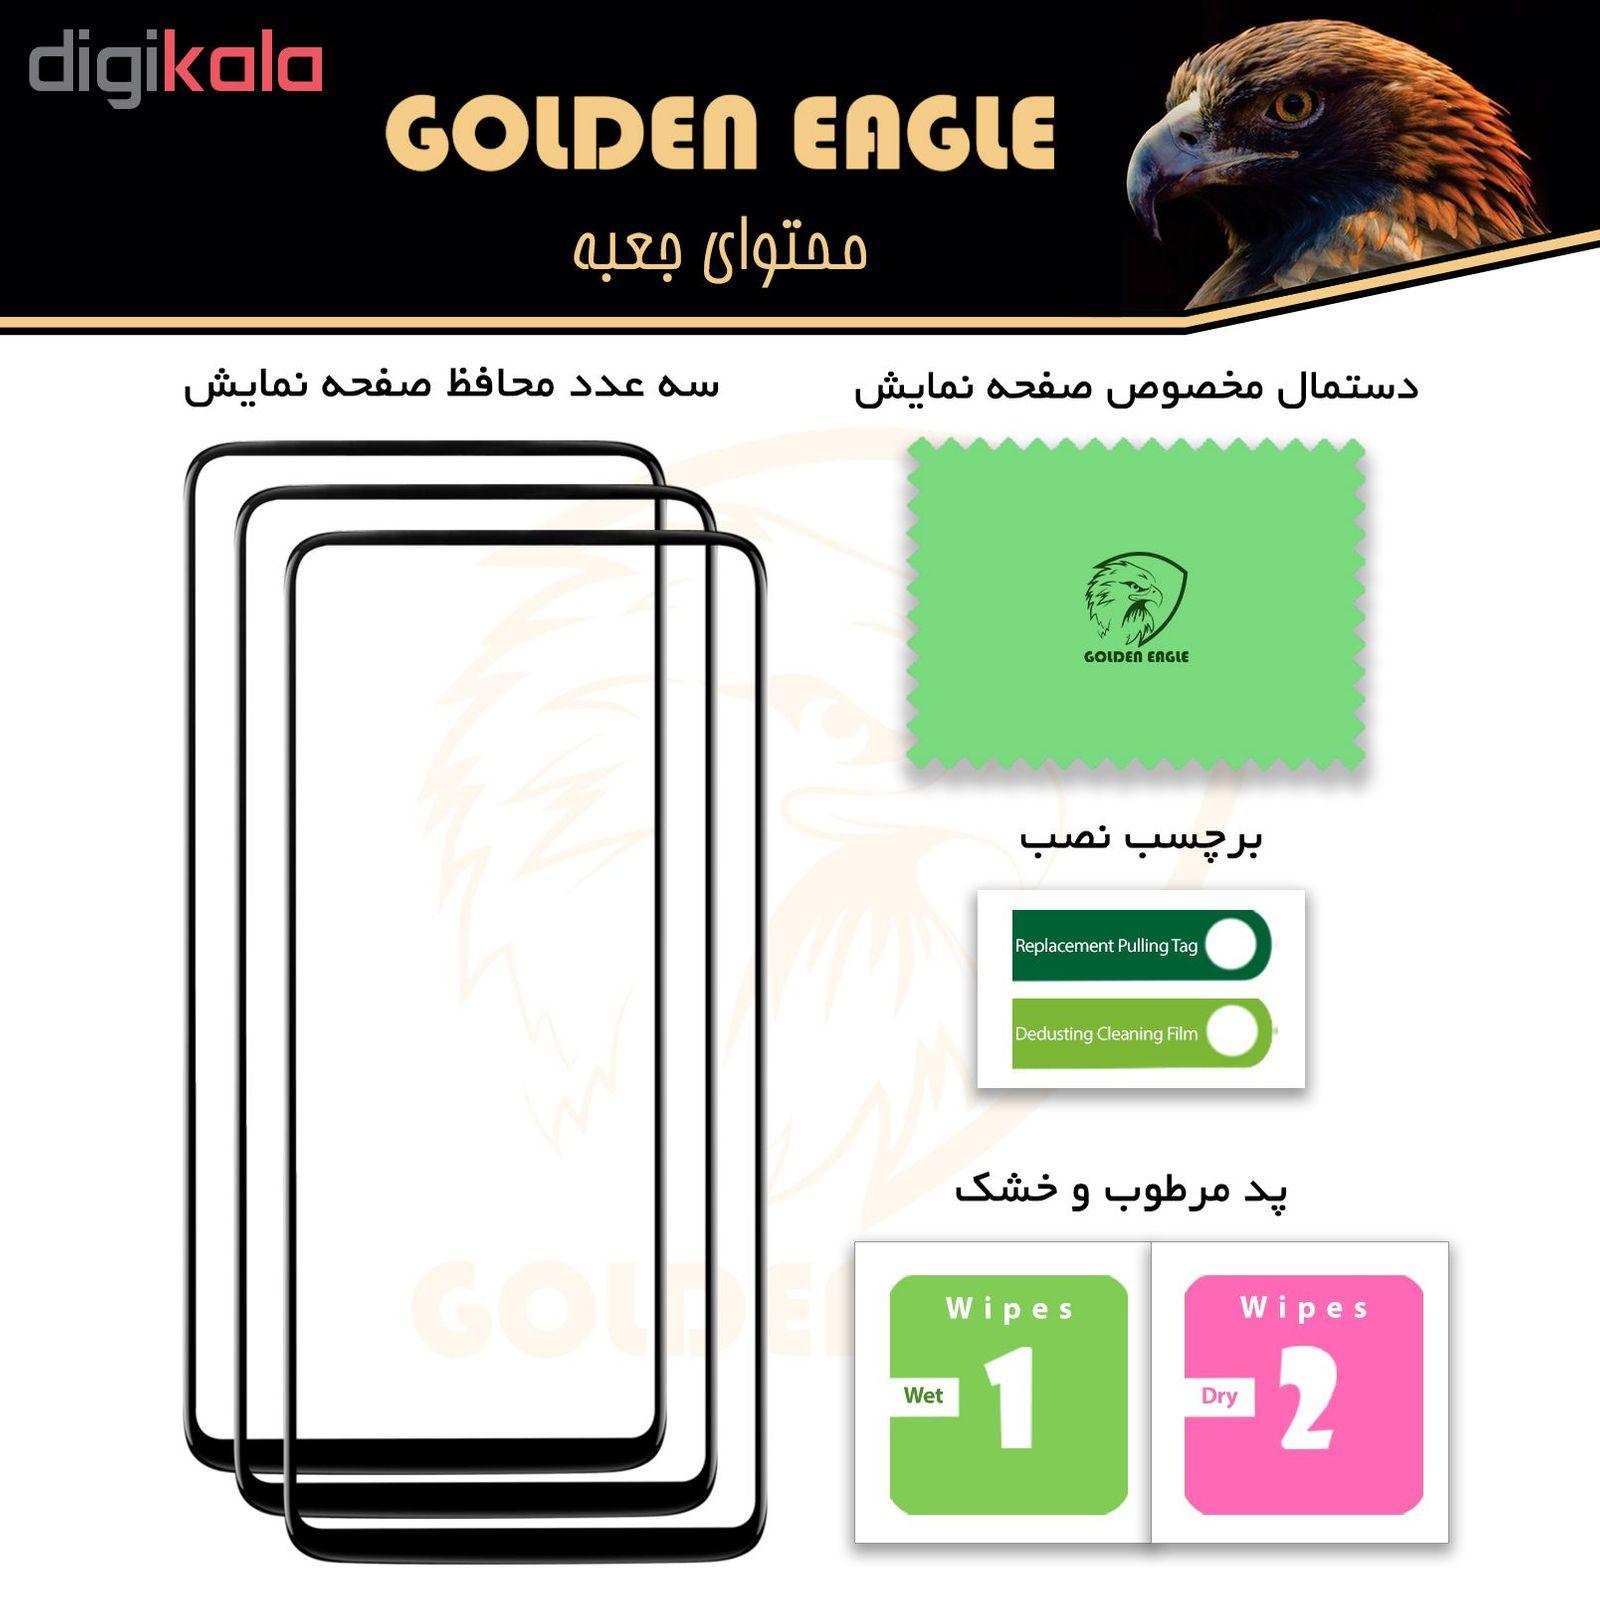 محافظ صفحه نمایش گلدن ایگل مدل DFC-X3 مناسب برای گوشی موبایل سامسونگ Galaxy S9 Plus بسته سه عددی main 1 2